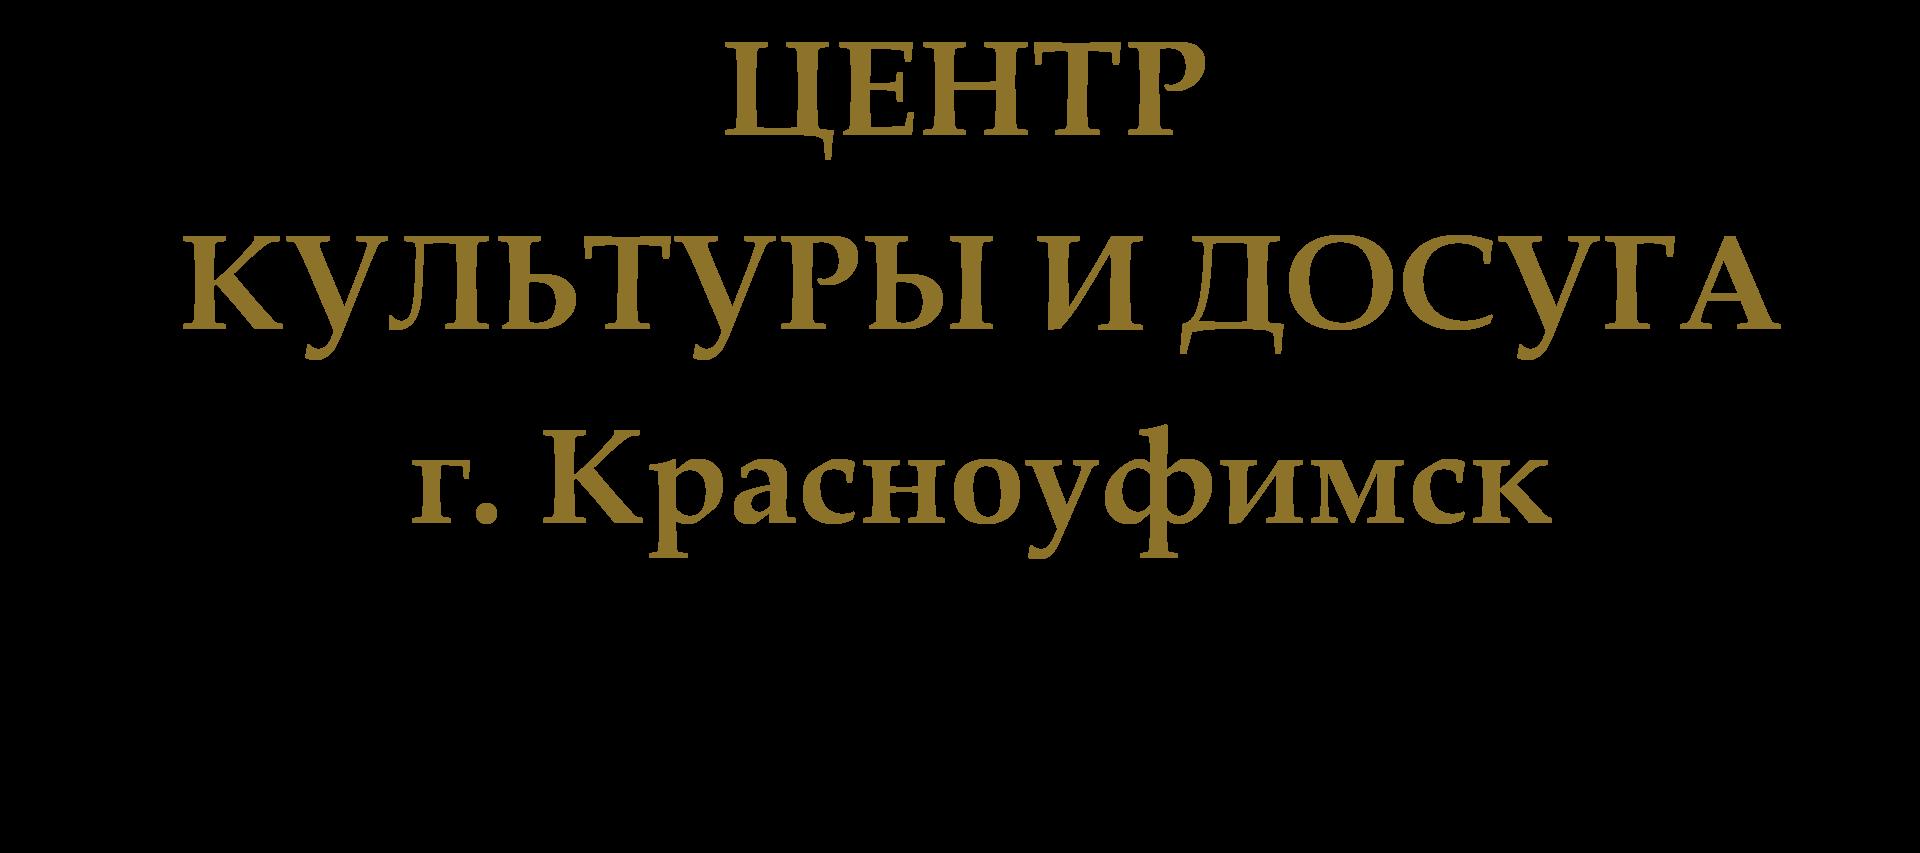 Центр Культуры и Досуга г. Красноуфимск